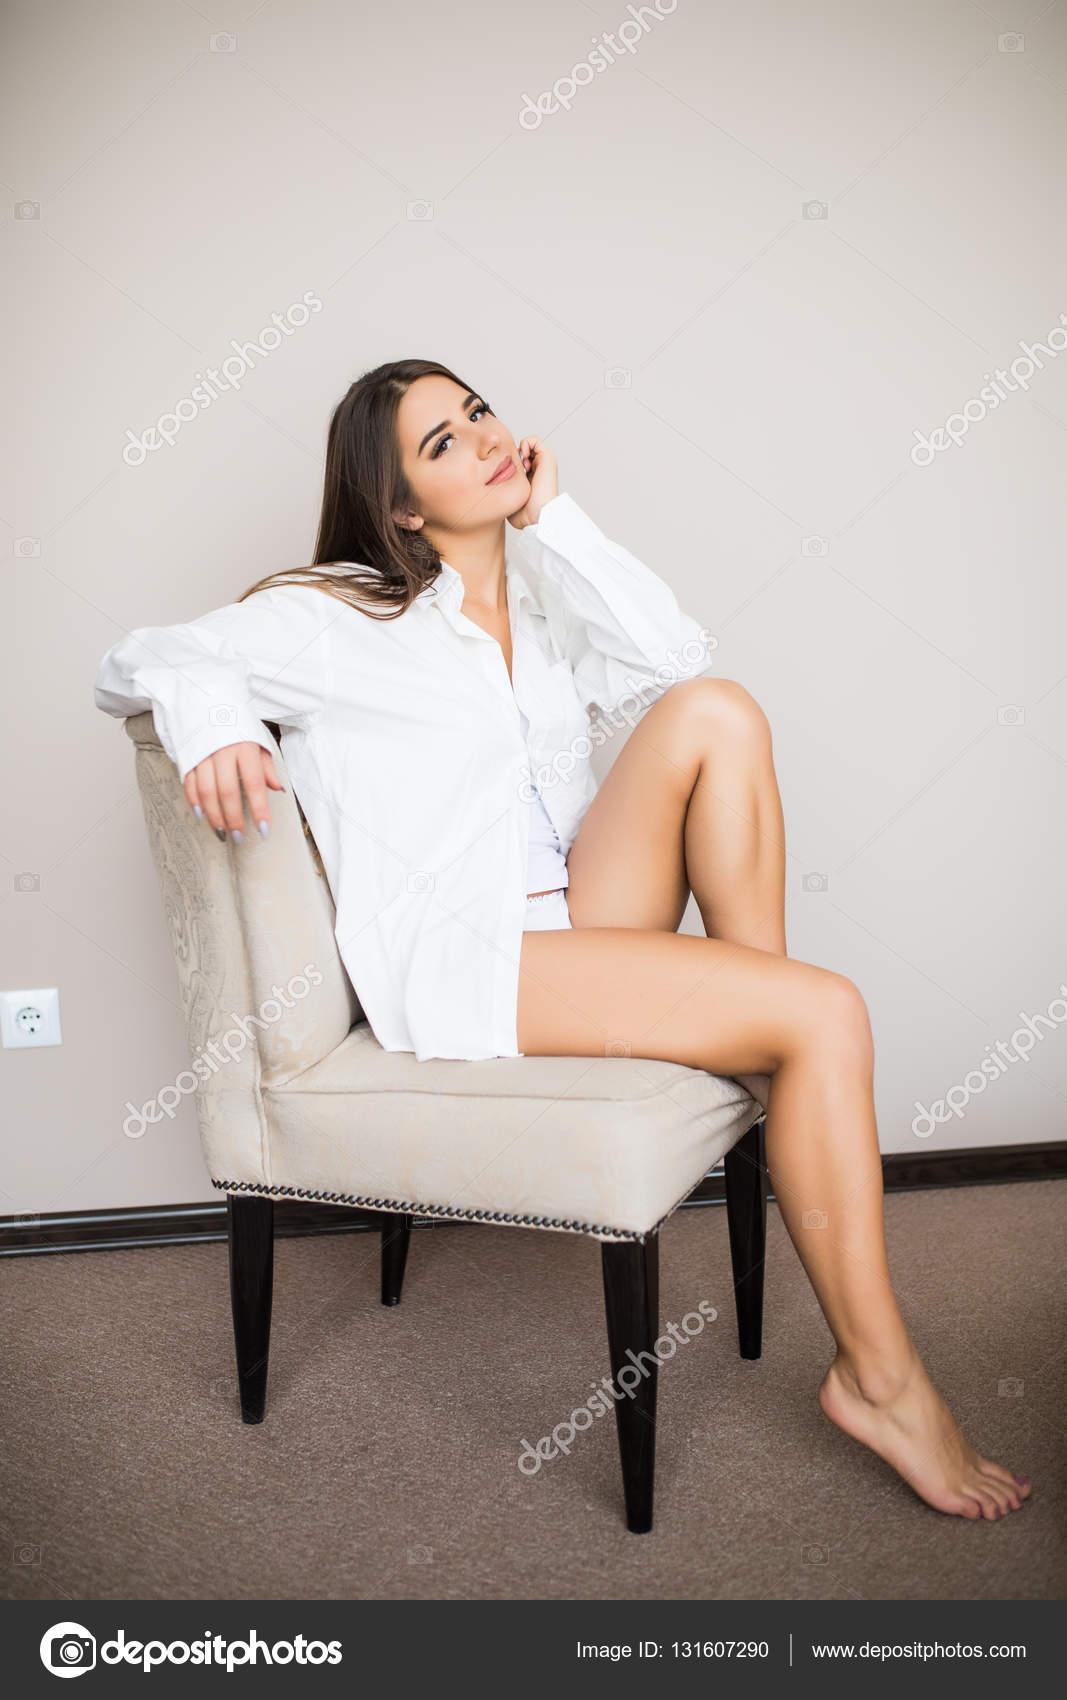 la mejor actitud 1ae7b 5c2d7 Imágenes: mujer con camisa de hombre | mujer en camisa ...